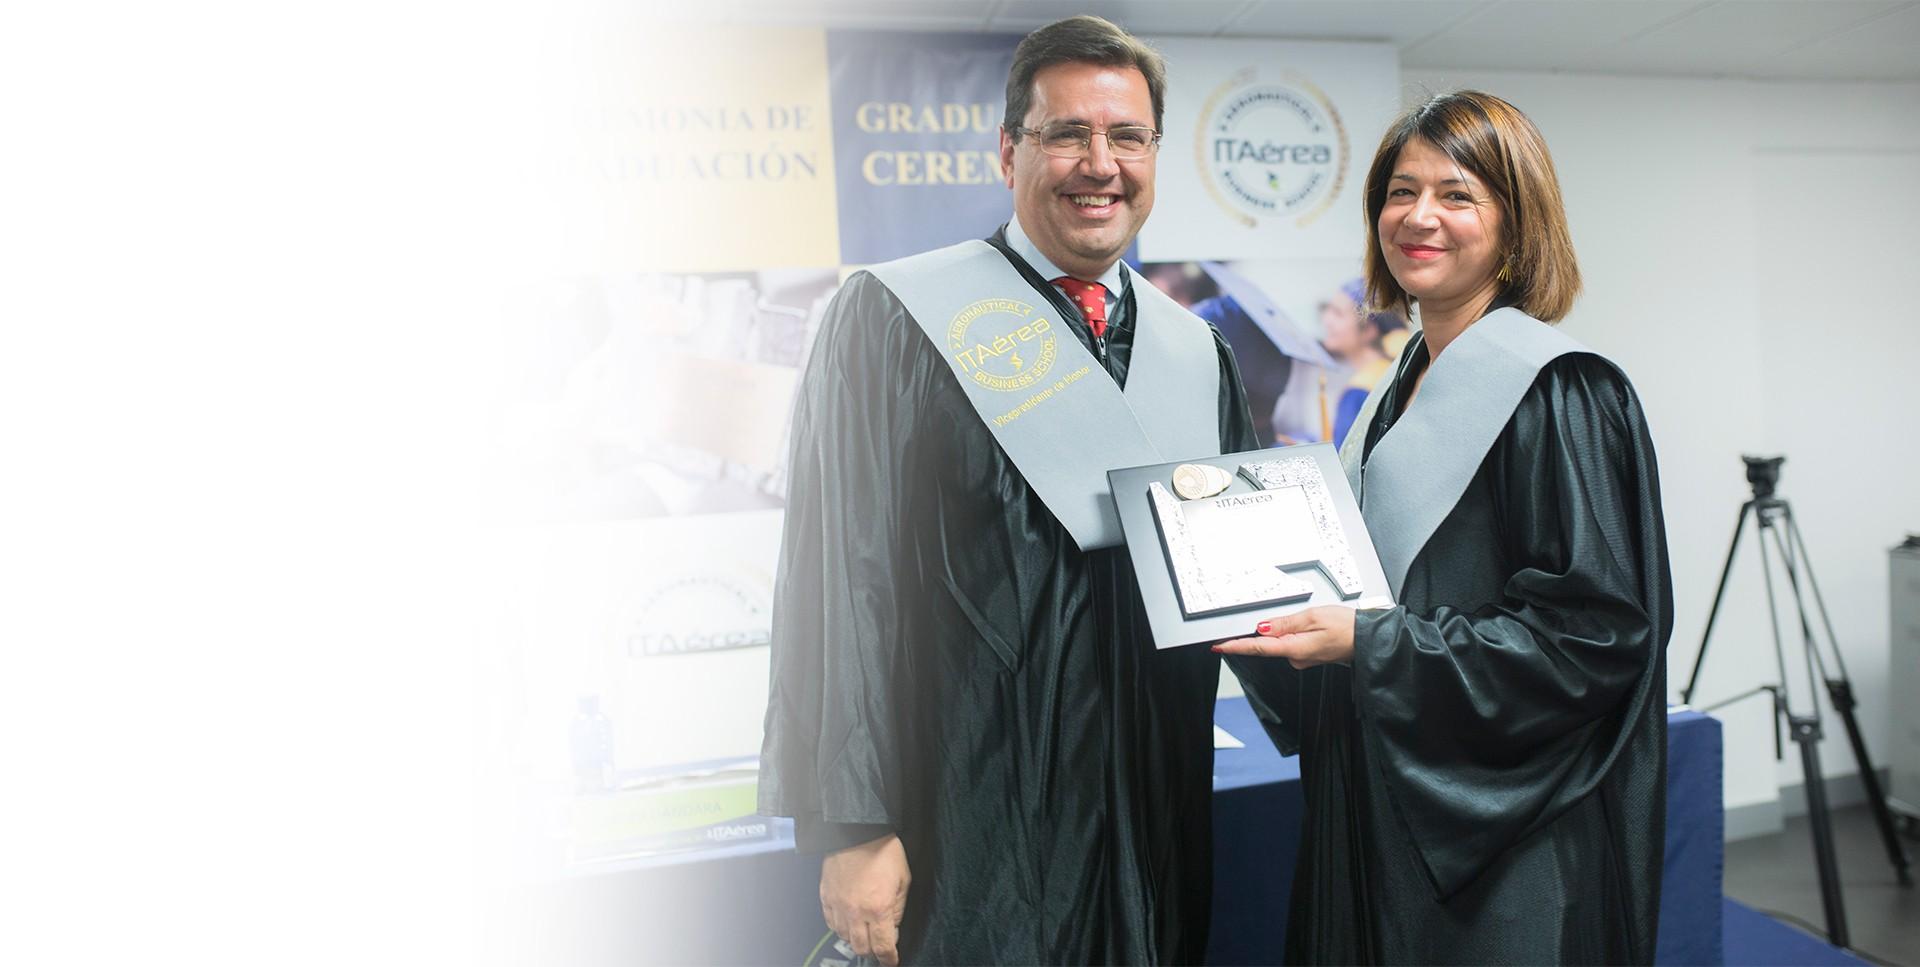 <span class='negritaslide'>María José Cuenda Chamorro<br />Directora General de Negocio<br />No Regulado de AENA</span>